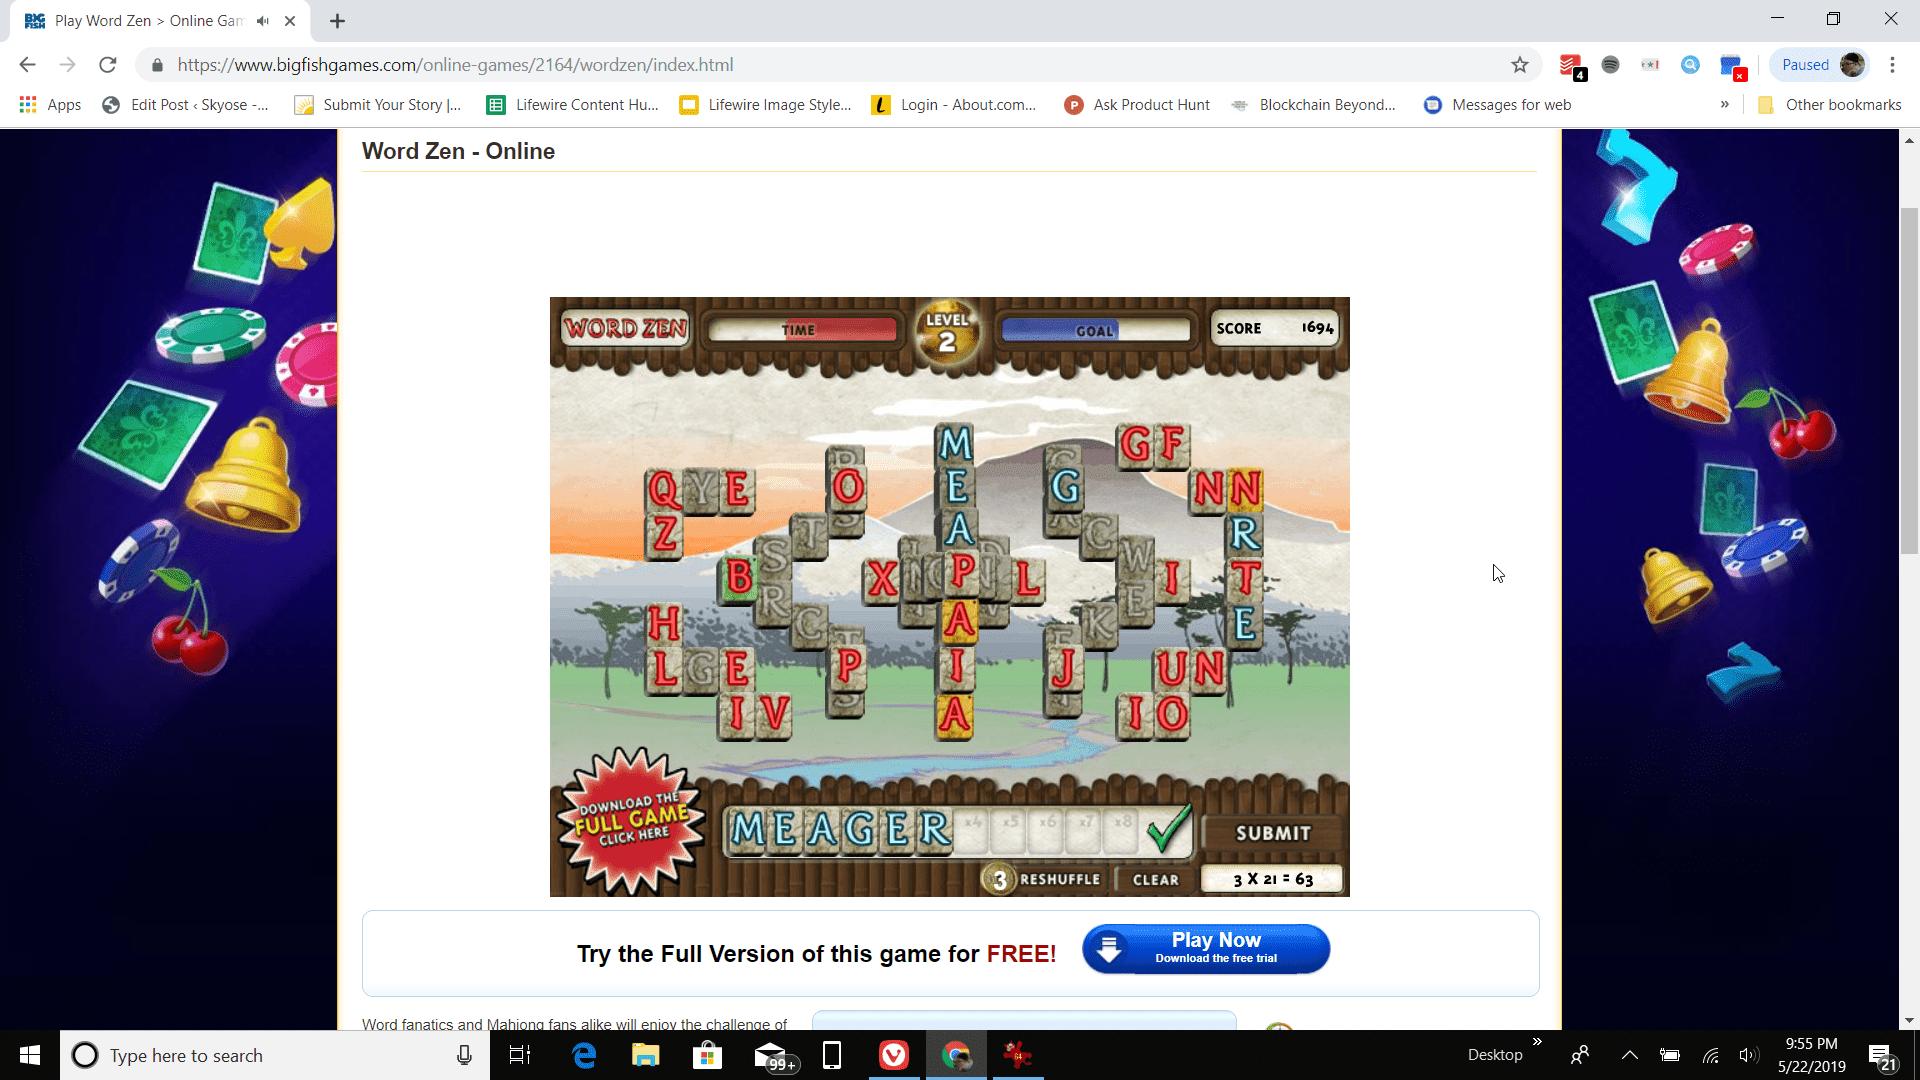 Screenshot of playing Word Zen